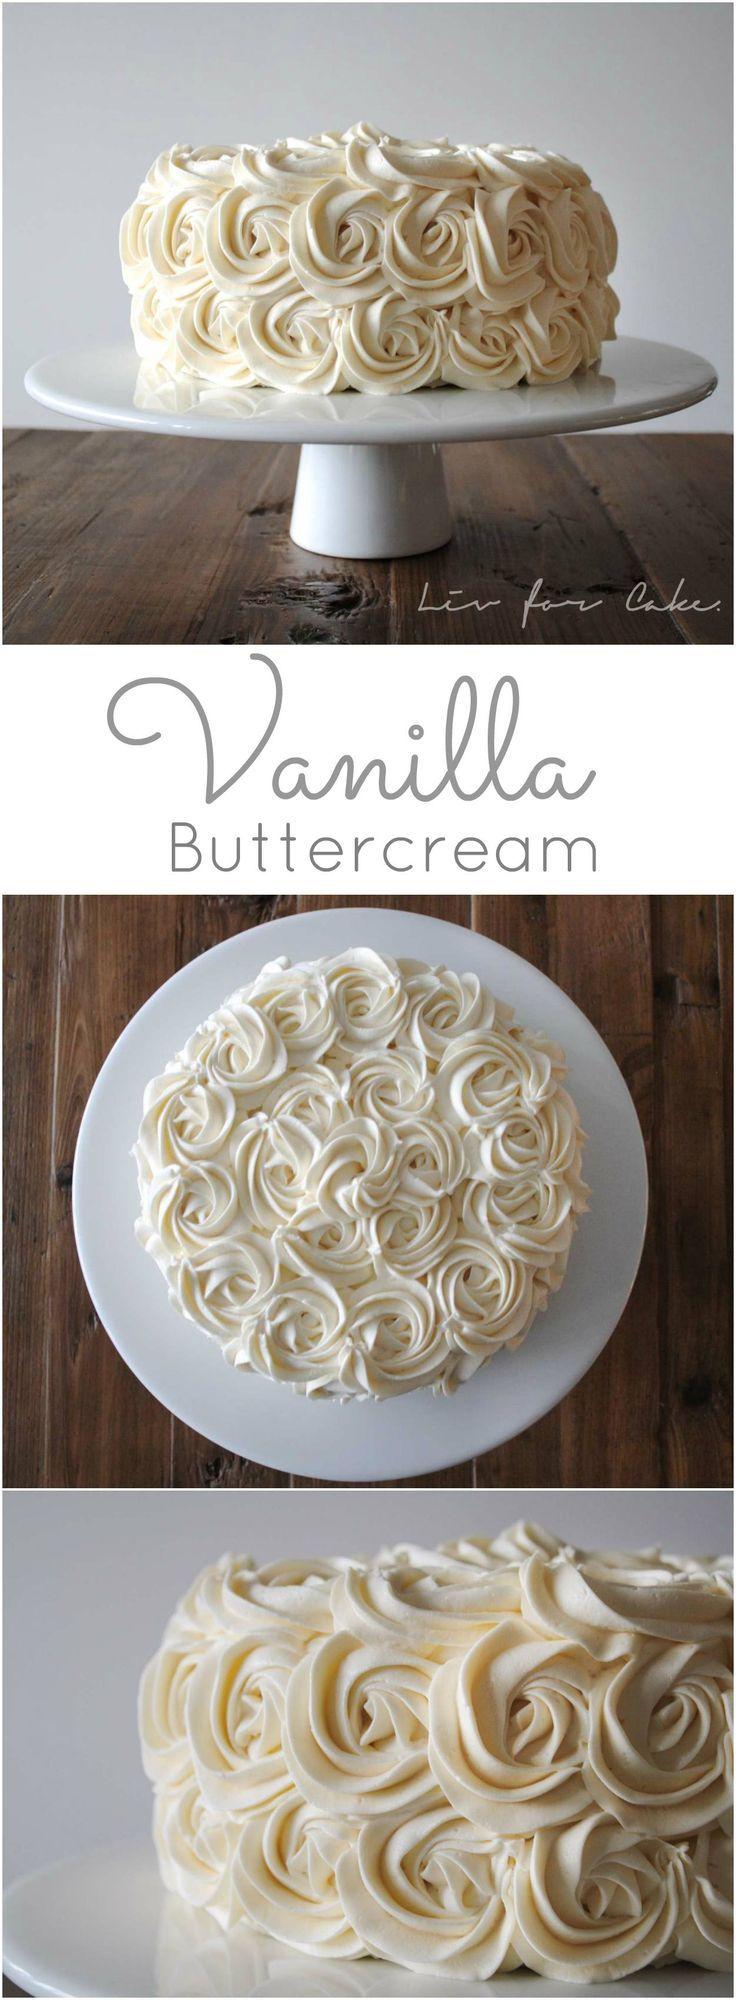 Quick, easy, and delicious vanilla buttercream recipe ...